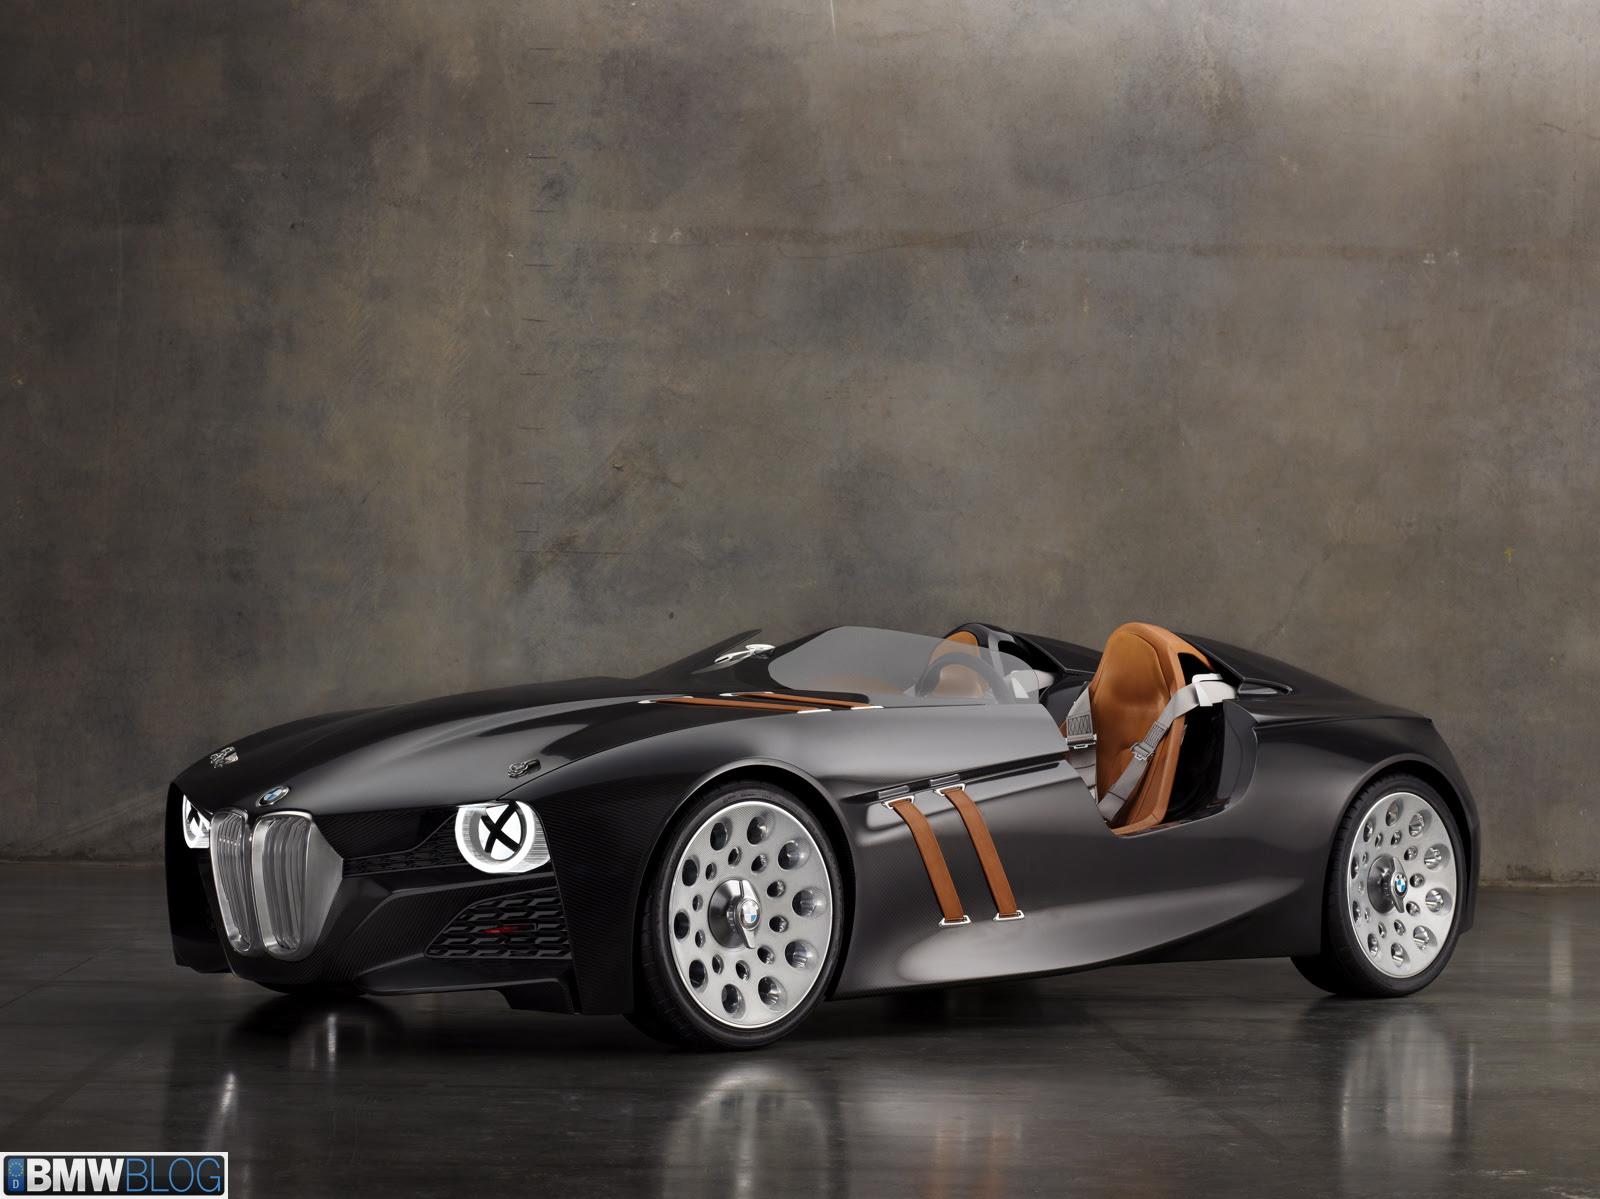 http://www.bmwblog.com/2012/12/20/bmw-design-concept-cars/